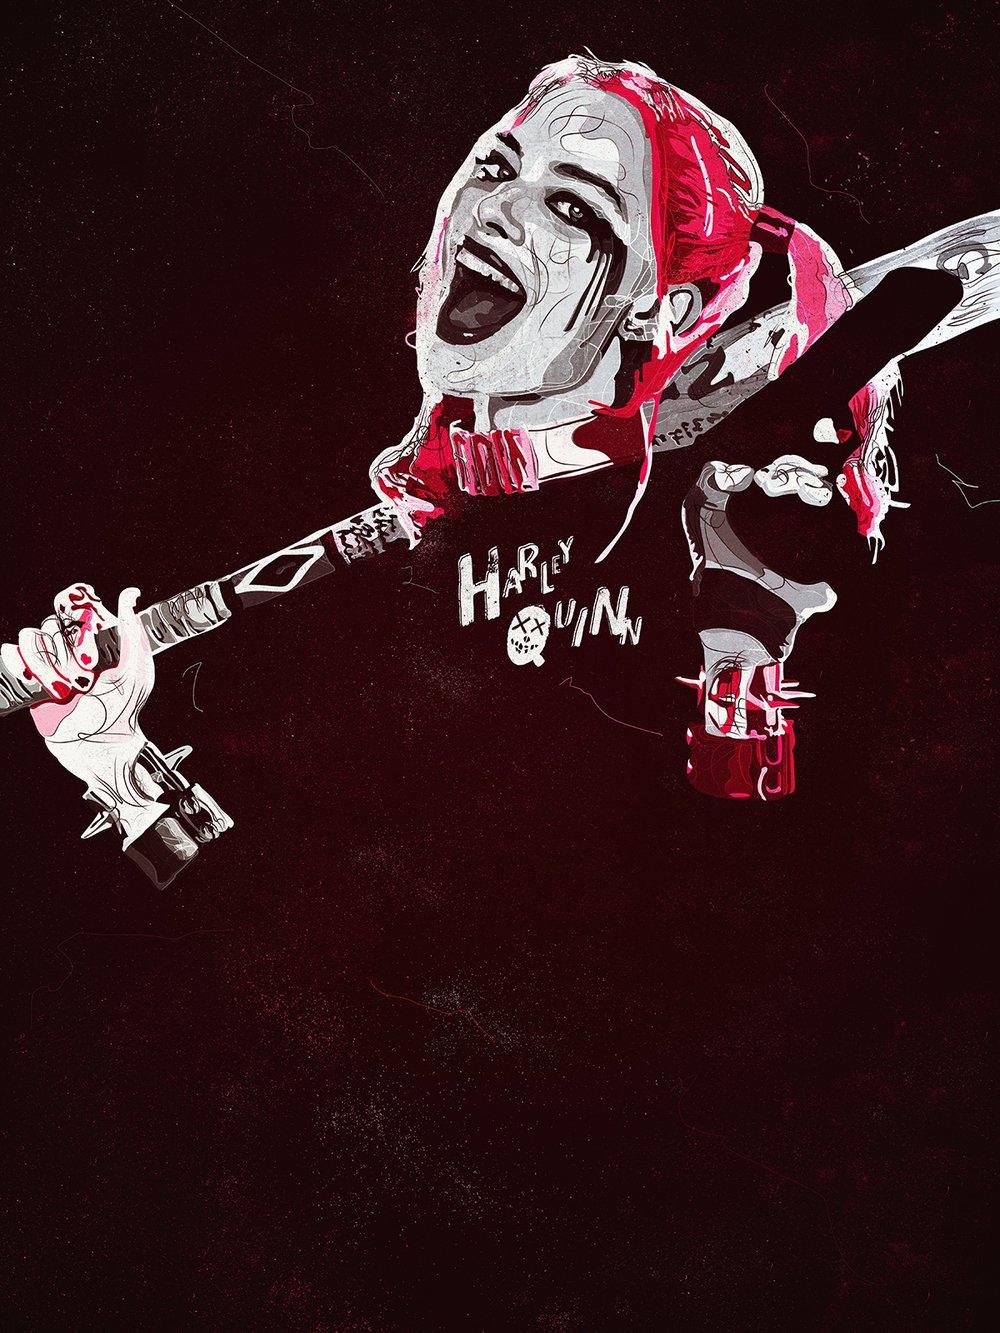 Арты «Отряда самоубийц», которые выглядят круче официальных постеров - Изображение 10